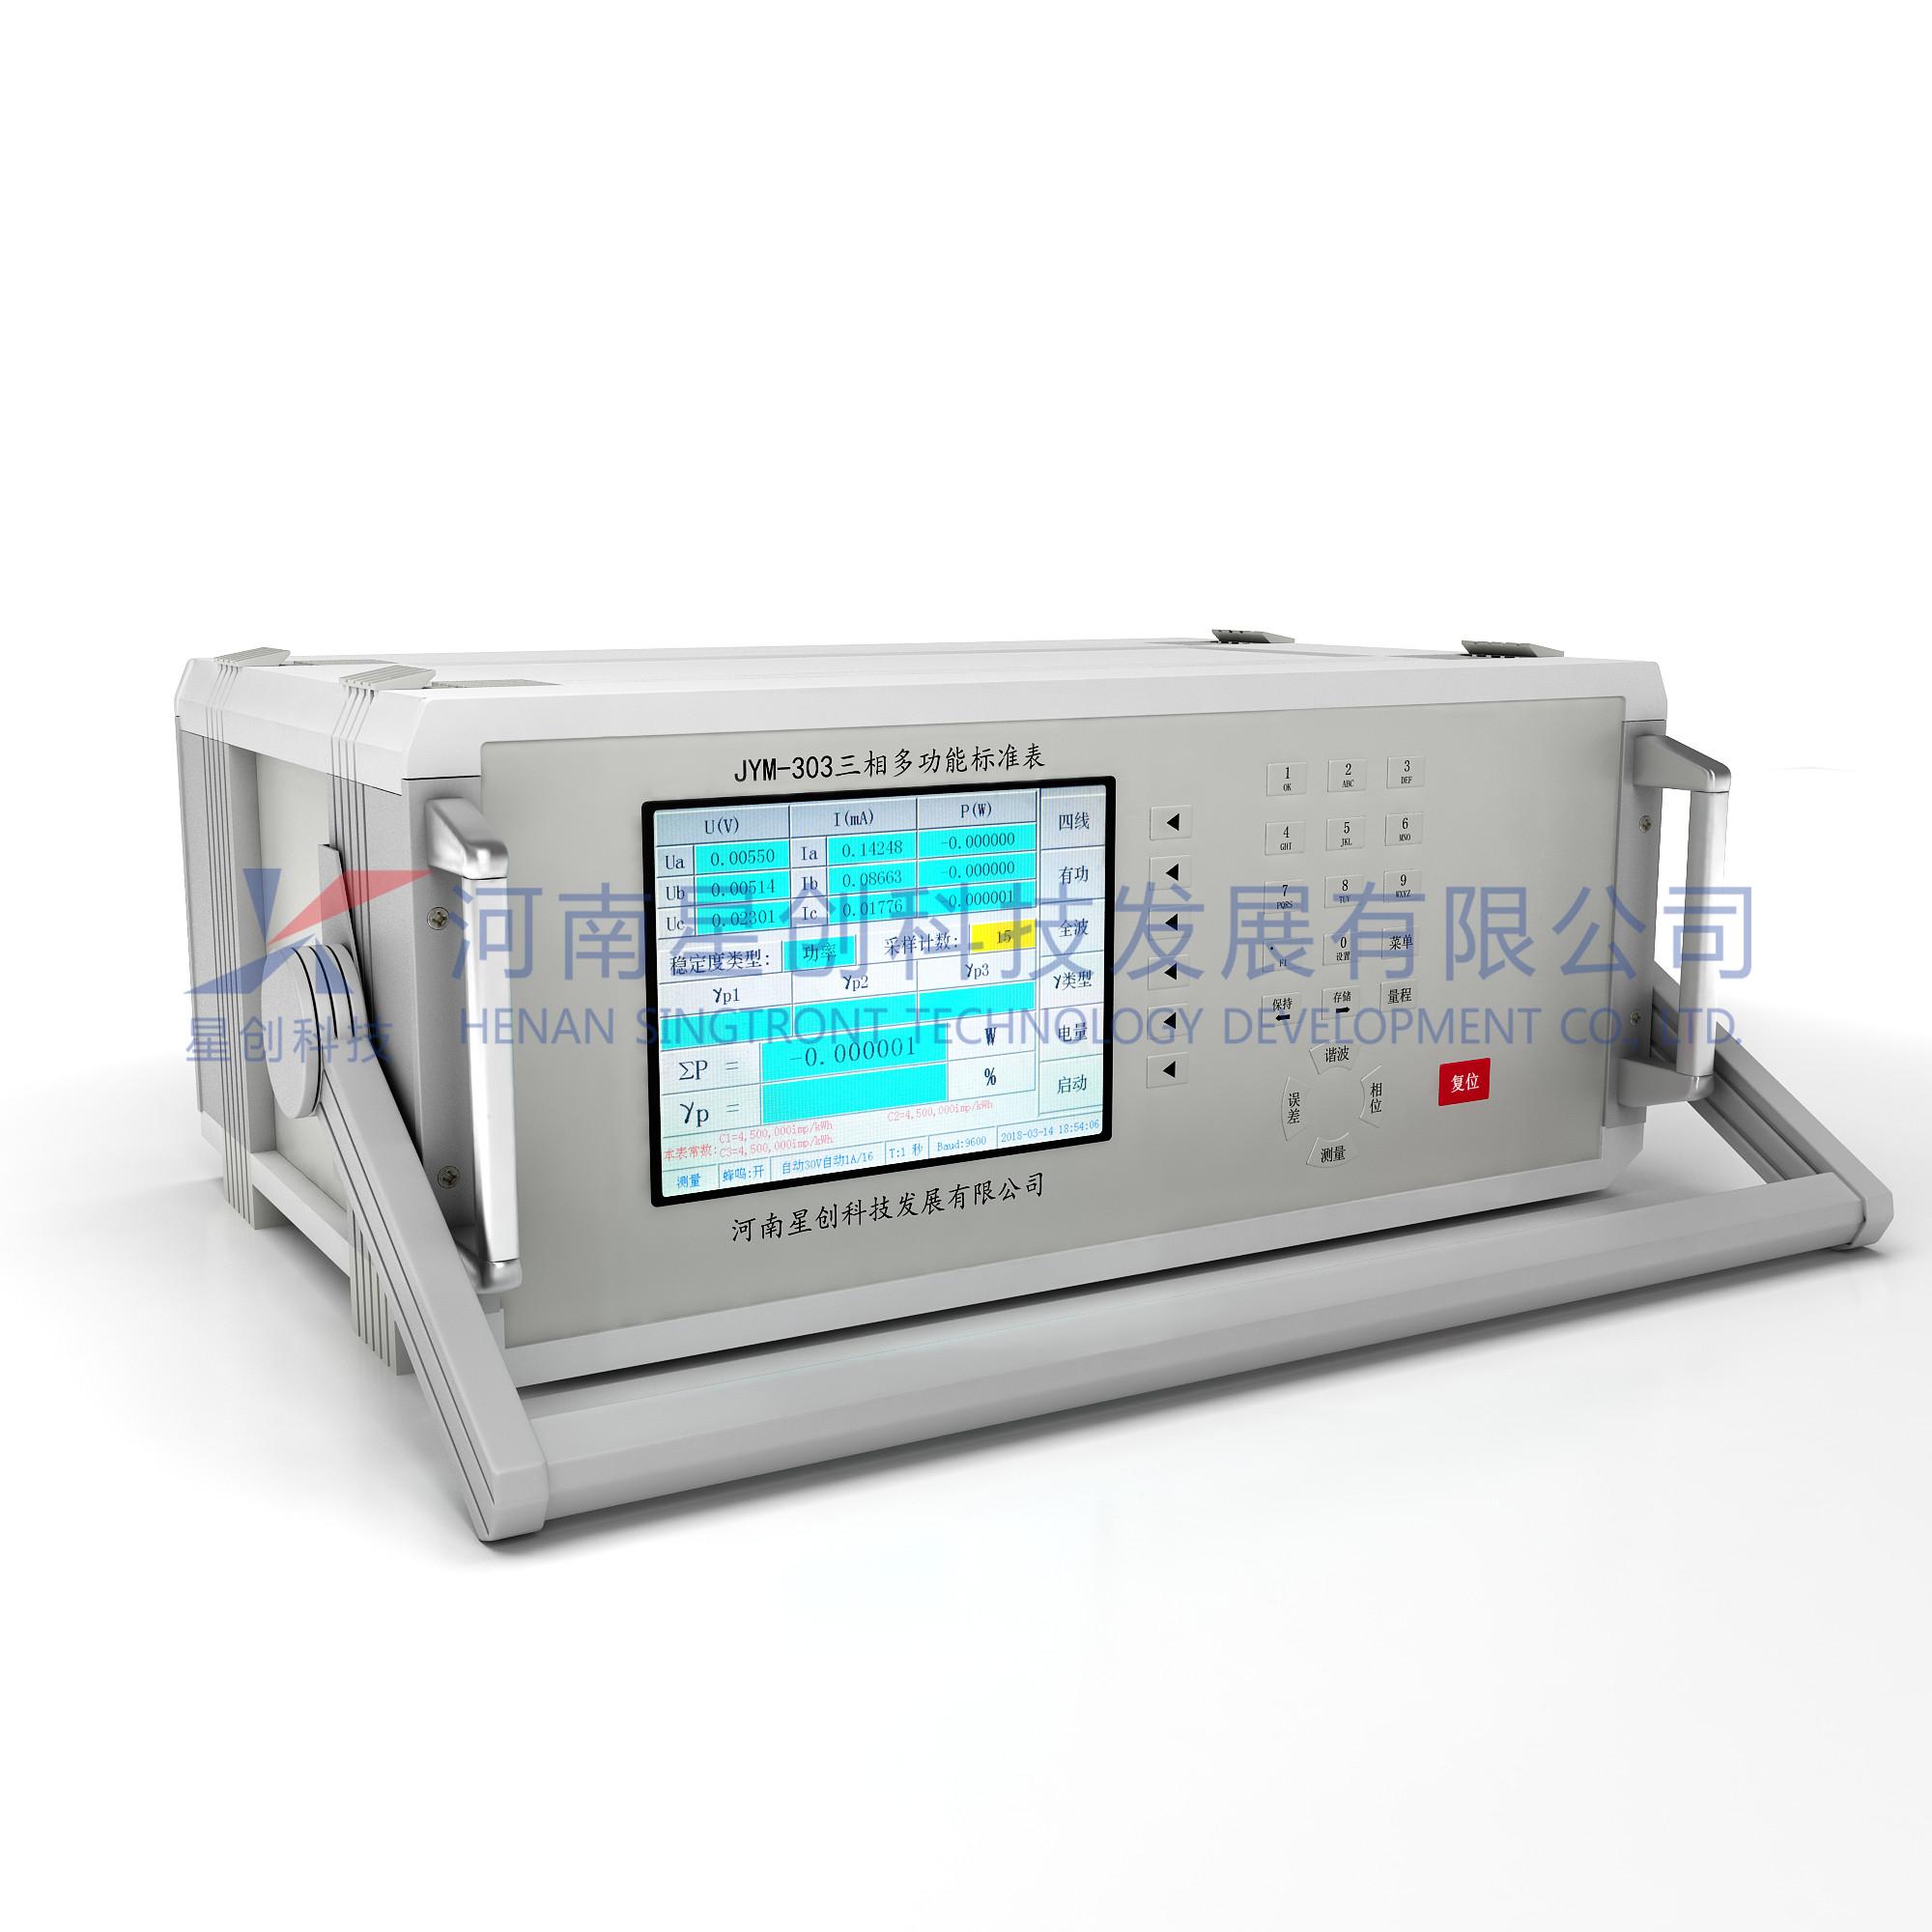 JYM-303三相多功能标准表.jpg